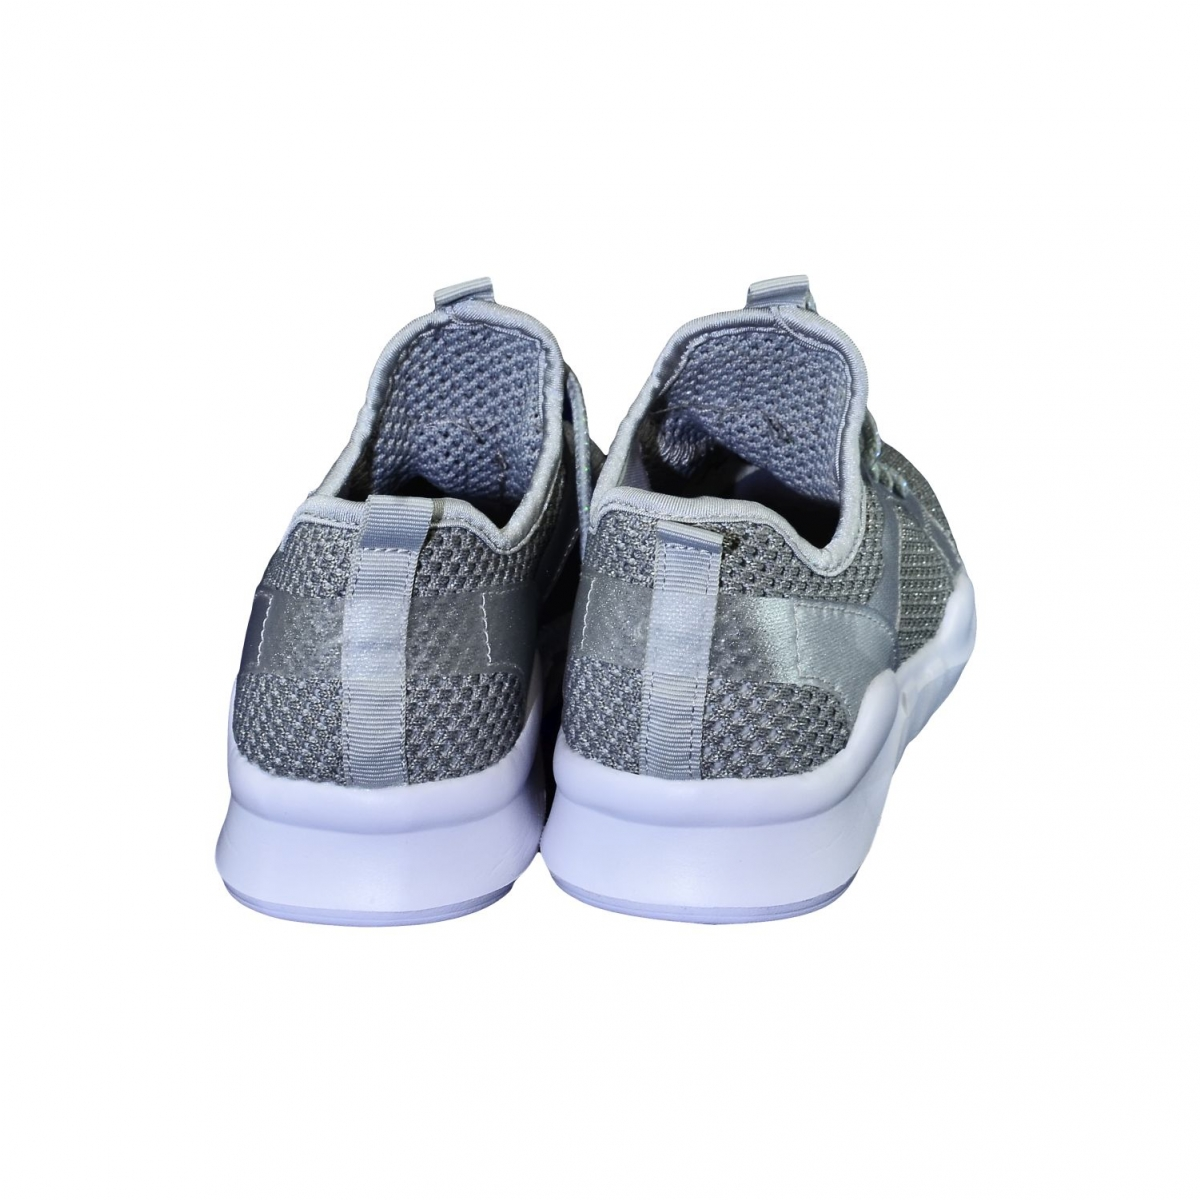 08cd4efd08b3 Dámske sivé botasky NORNA - 4